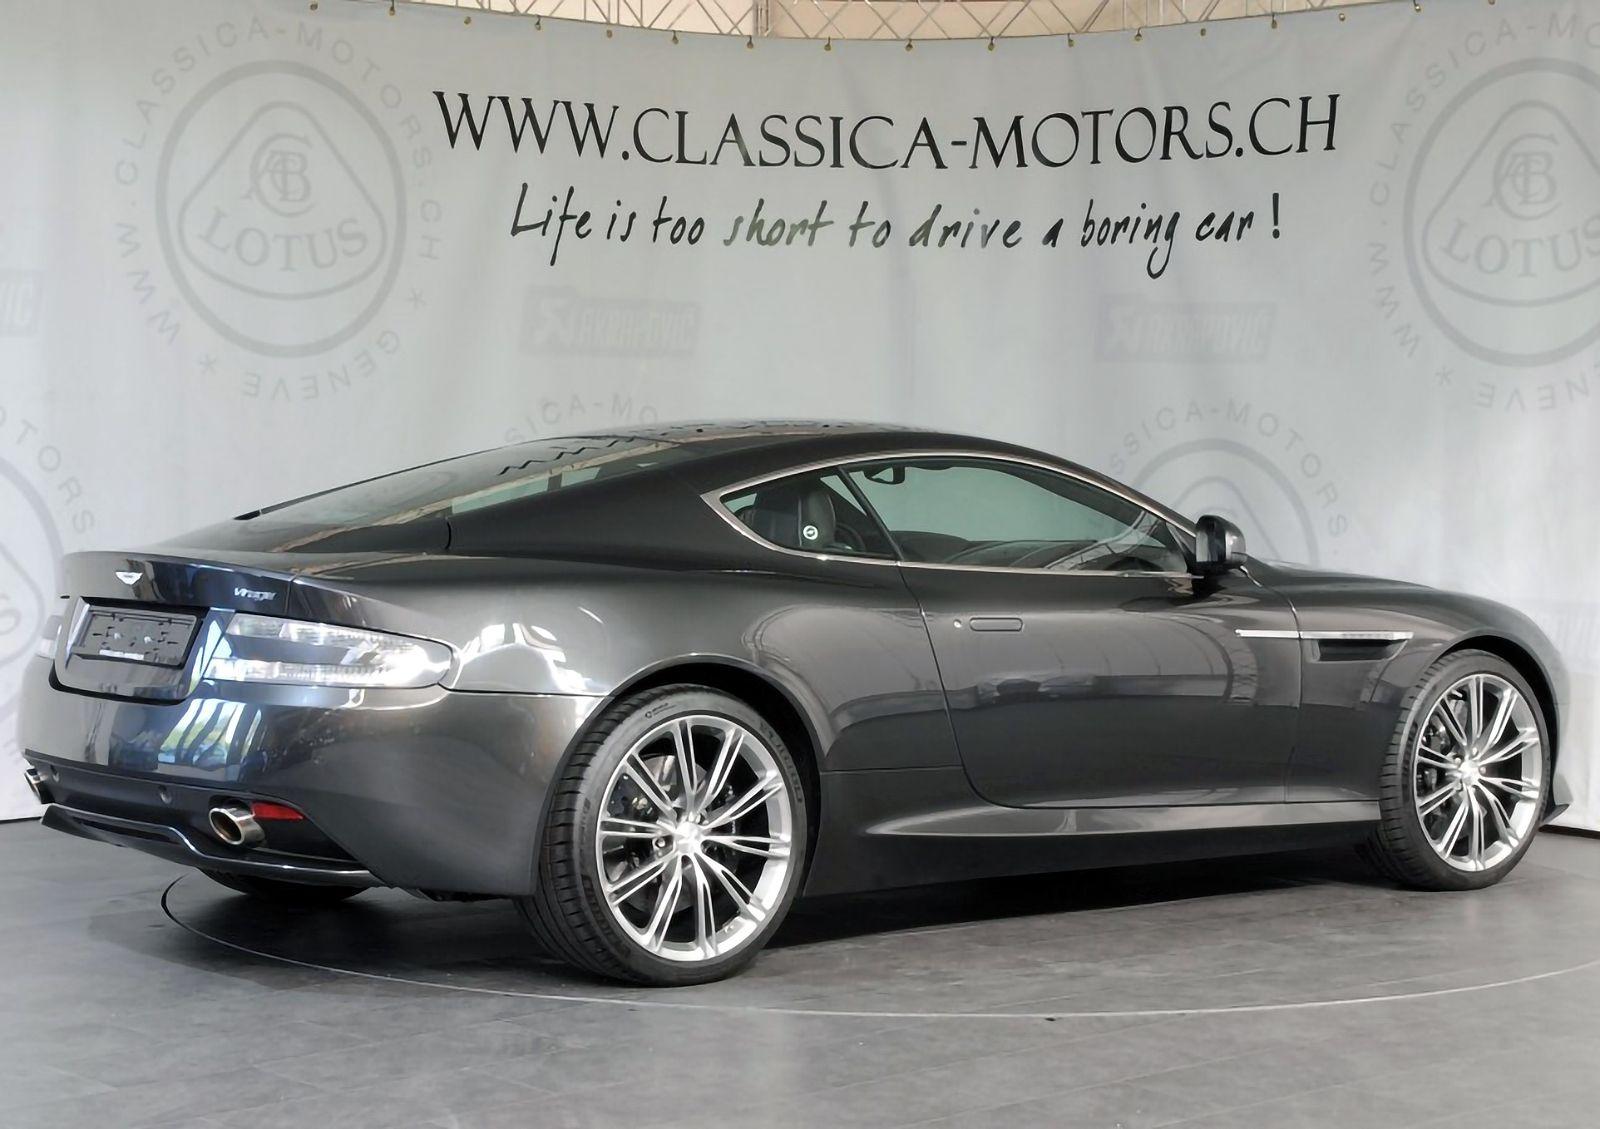 2012 Aston Martin Virage Carros